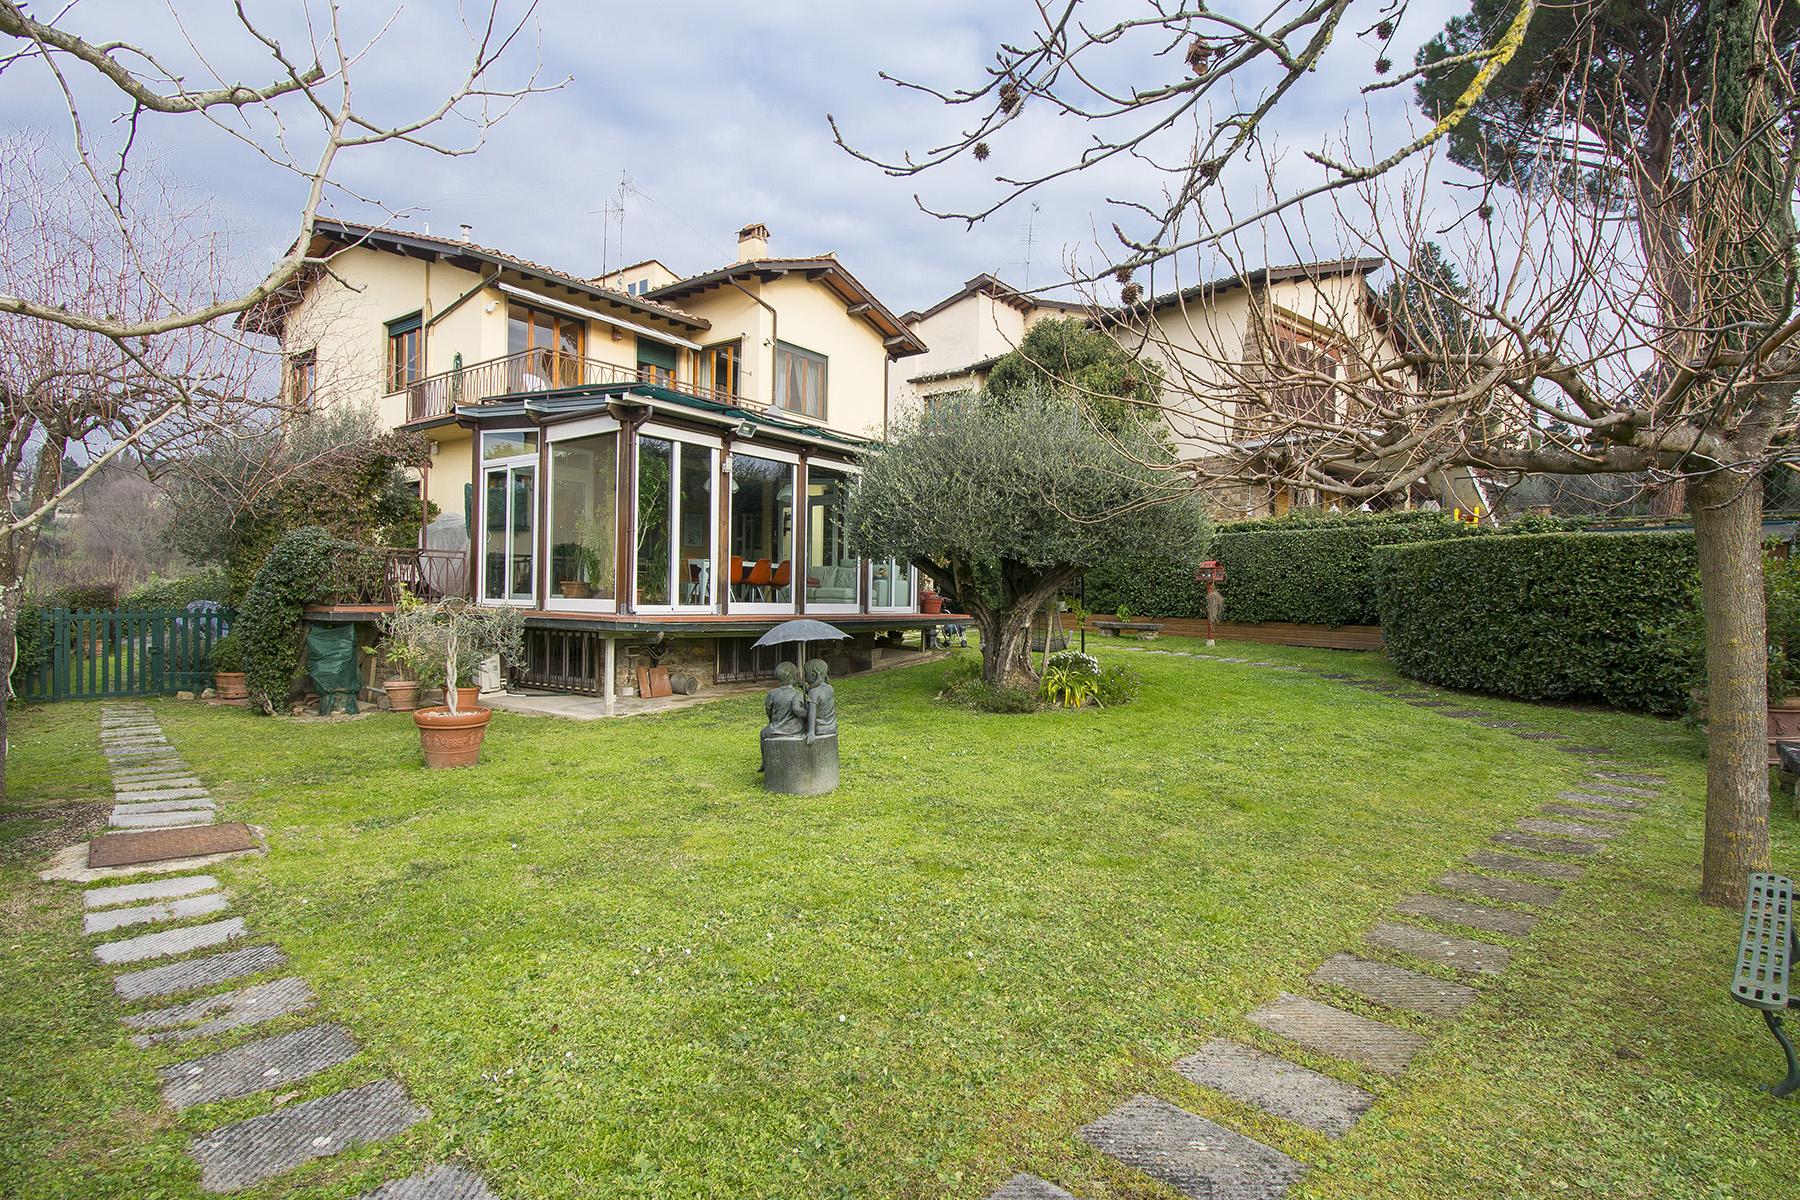 Villa in Vendita a Firenze: 5 locali, 364 mq - Foto 25